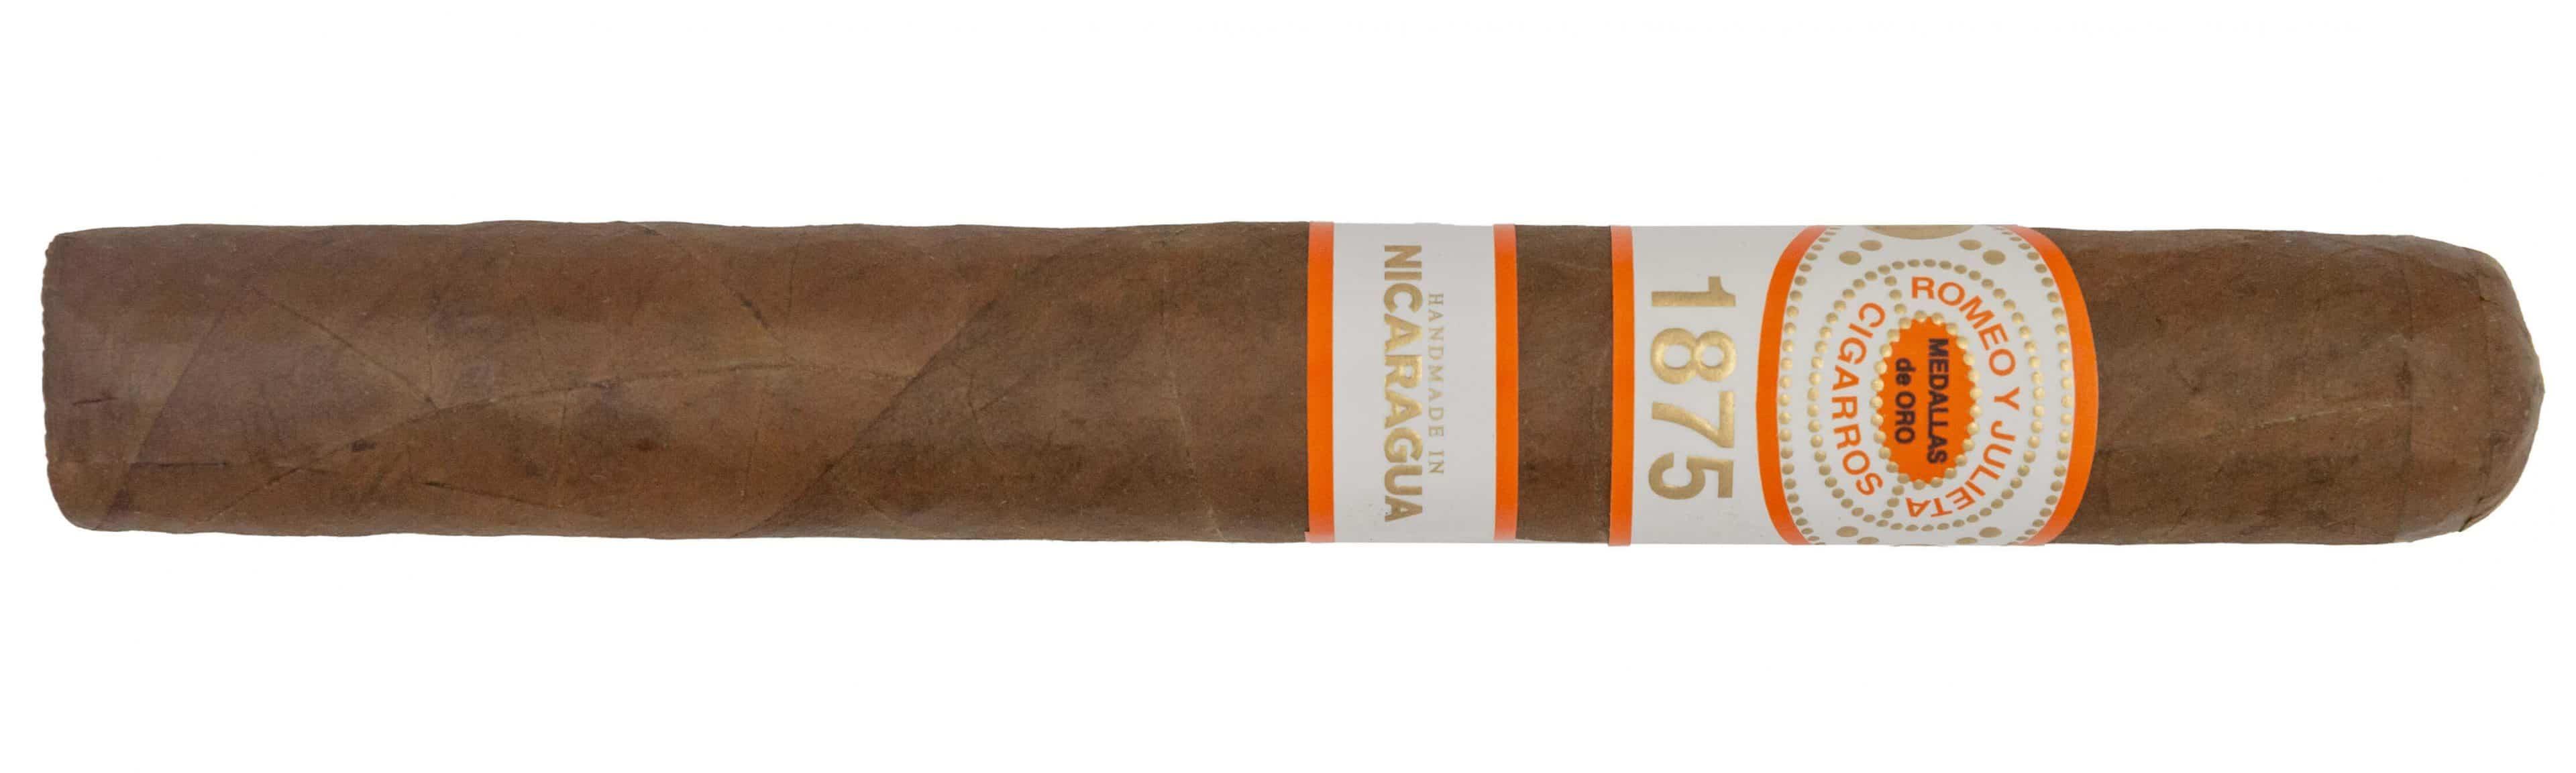 Blind Cigar Review: Romeo y Julieta | 1875 Nicaragua Toro